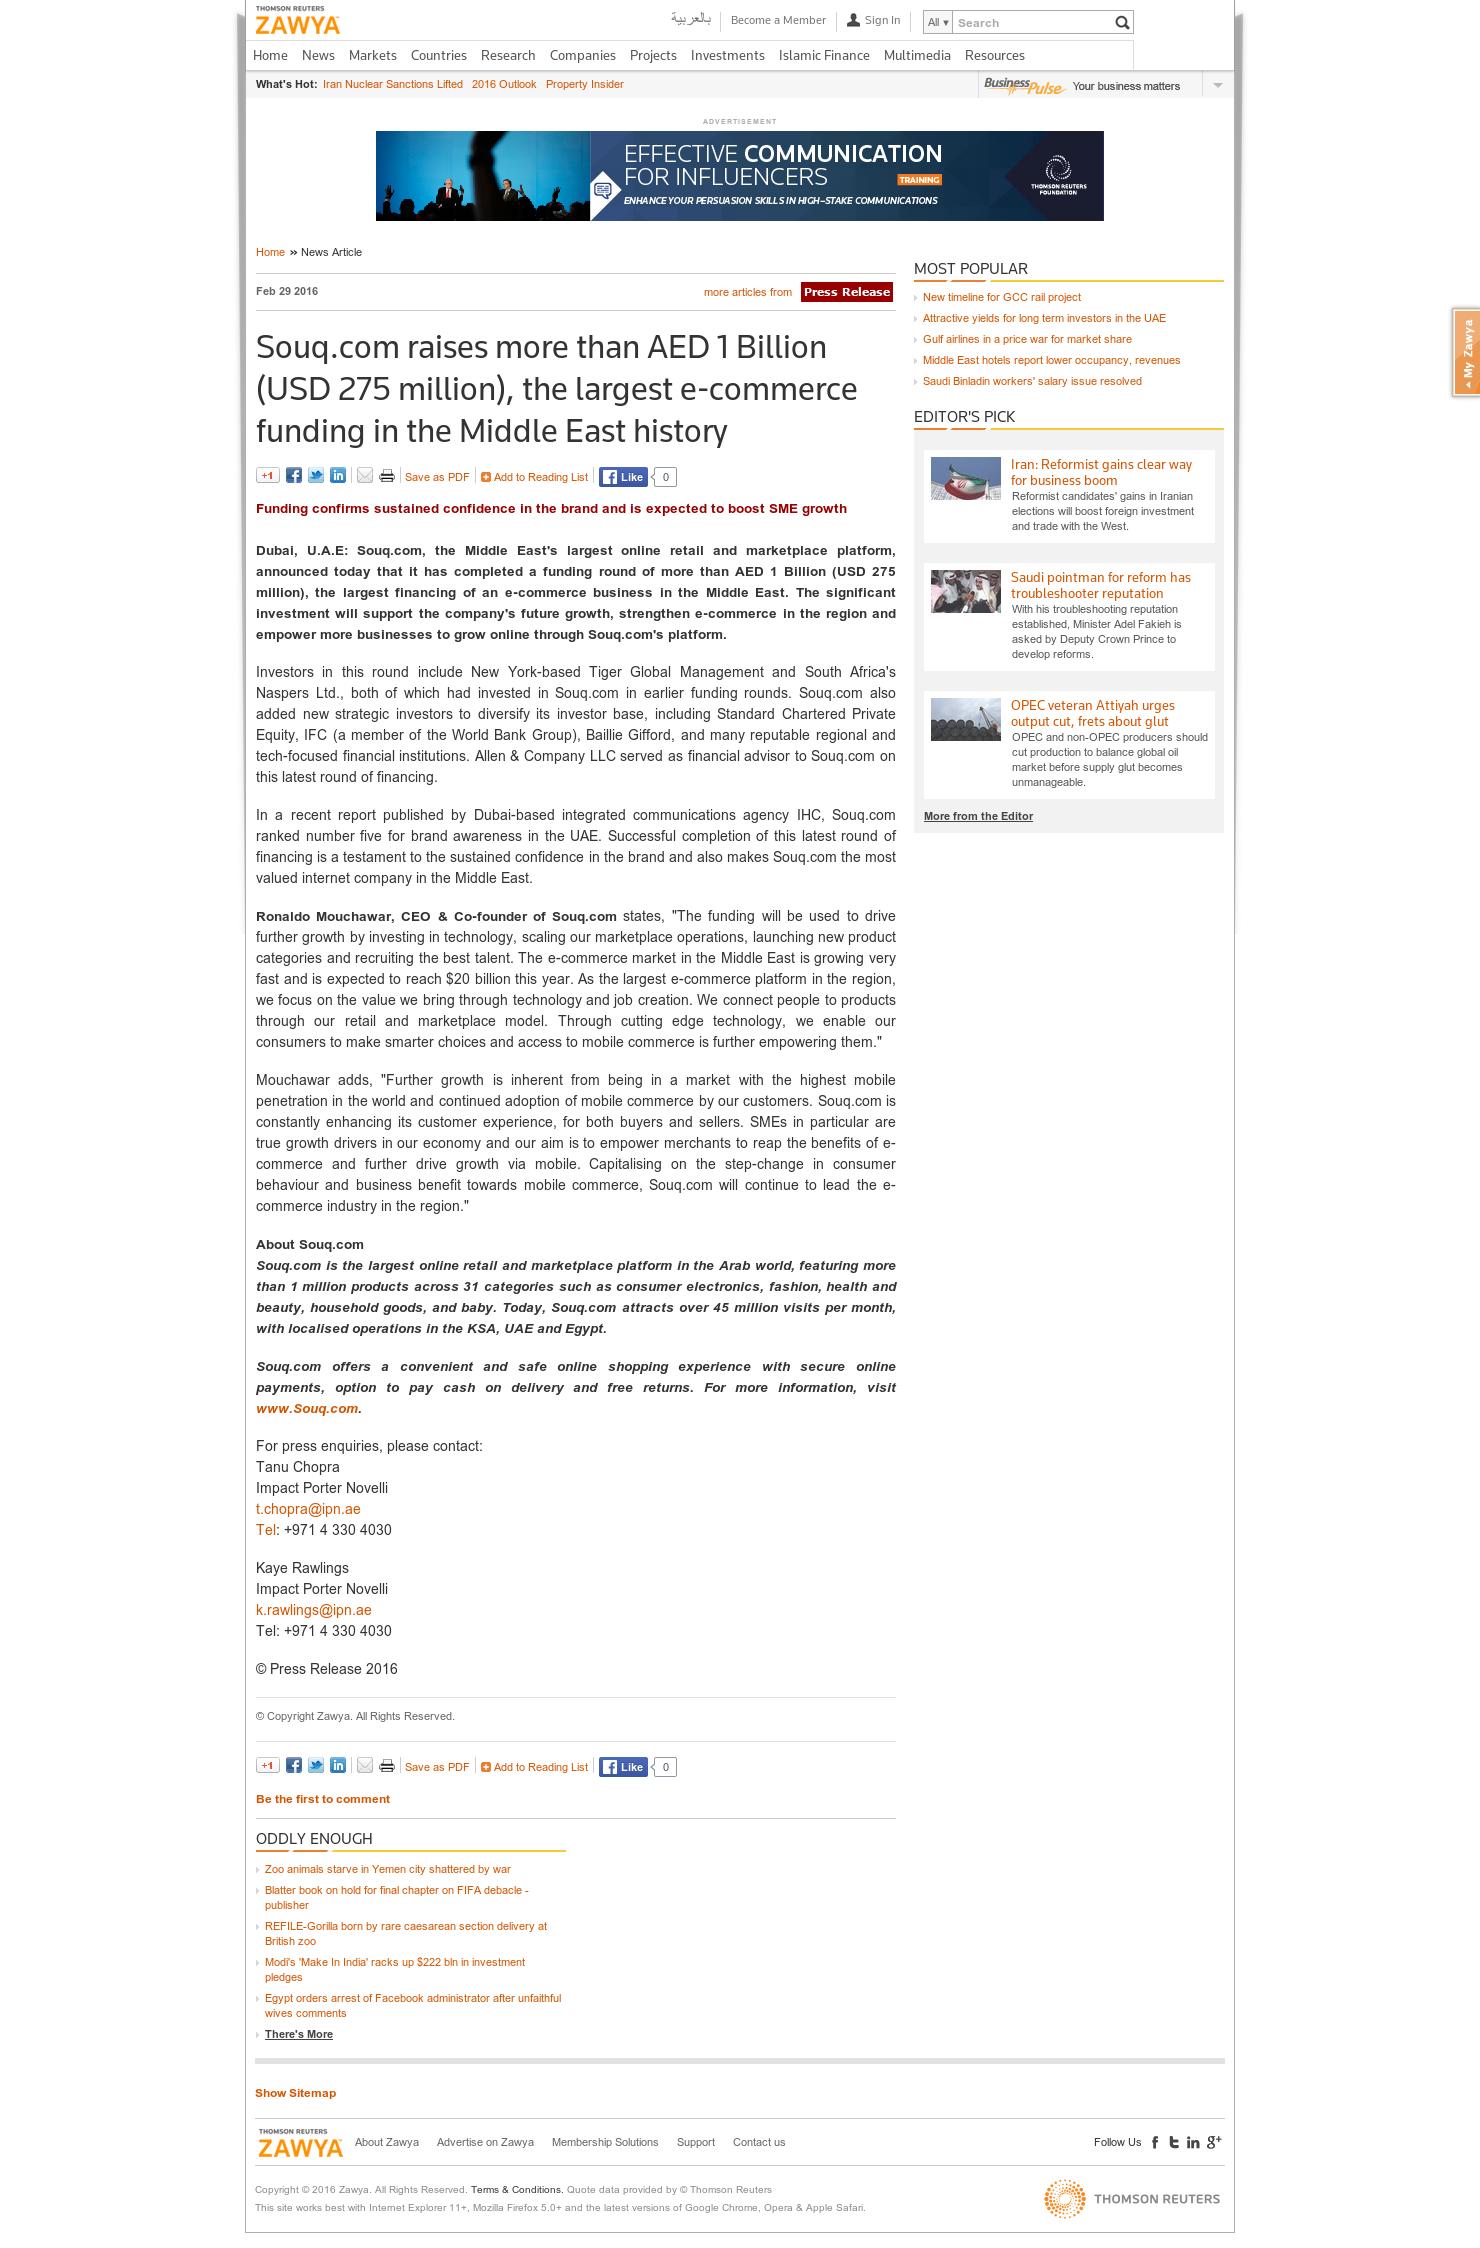 Souq com raises more than AED 1 Billion (USD 275 million